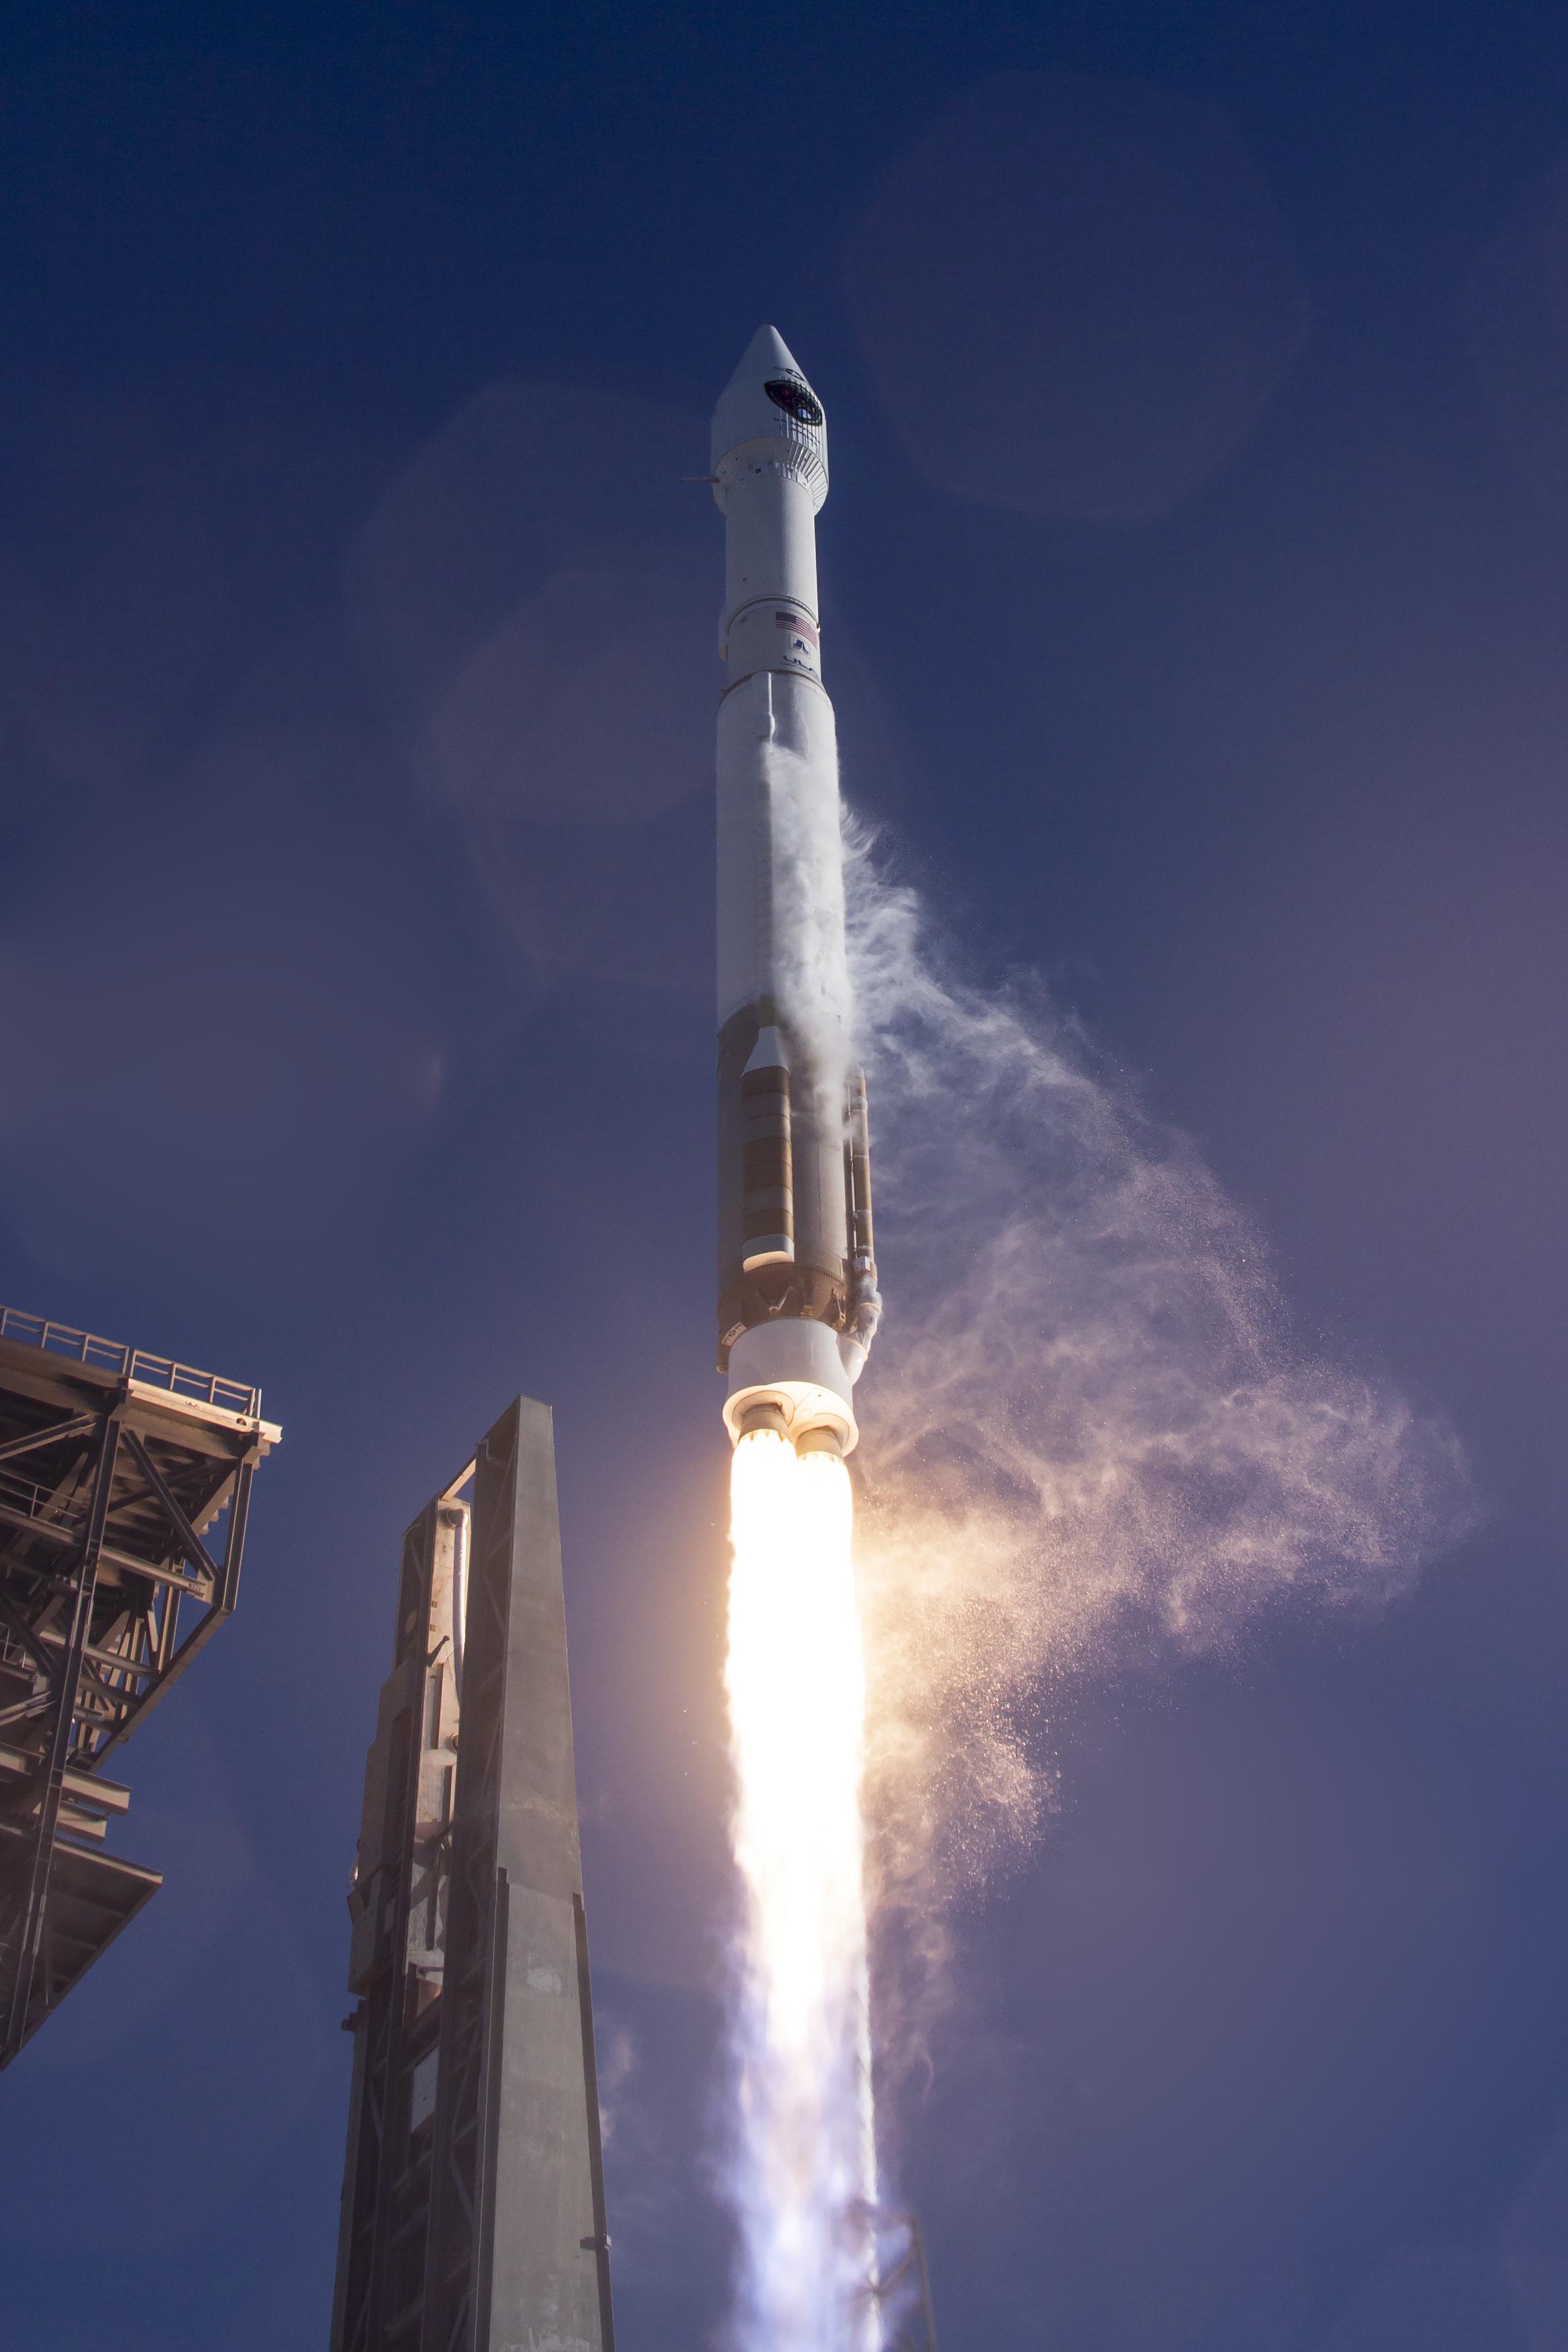 Atlas Rocket Space Launch